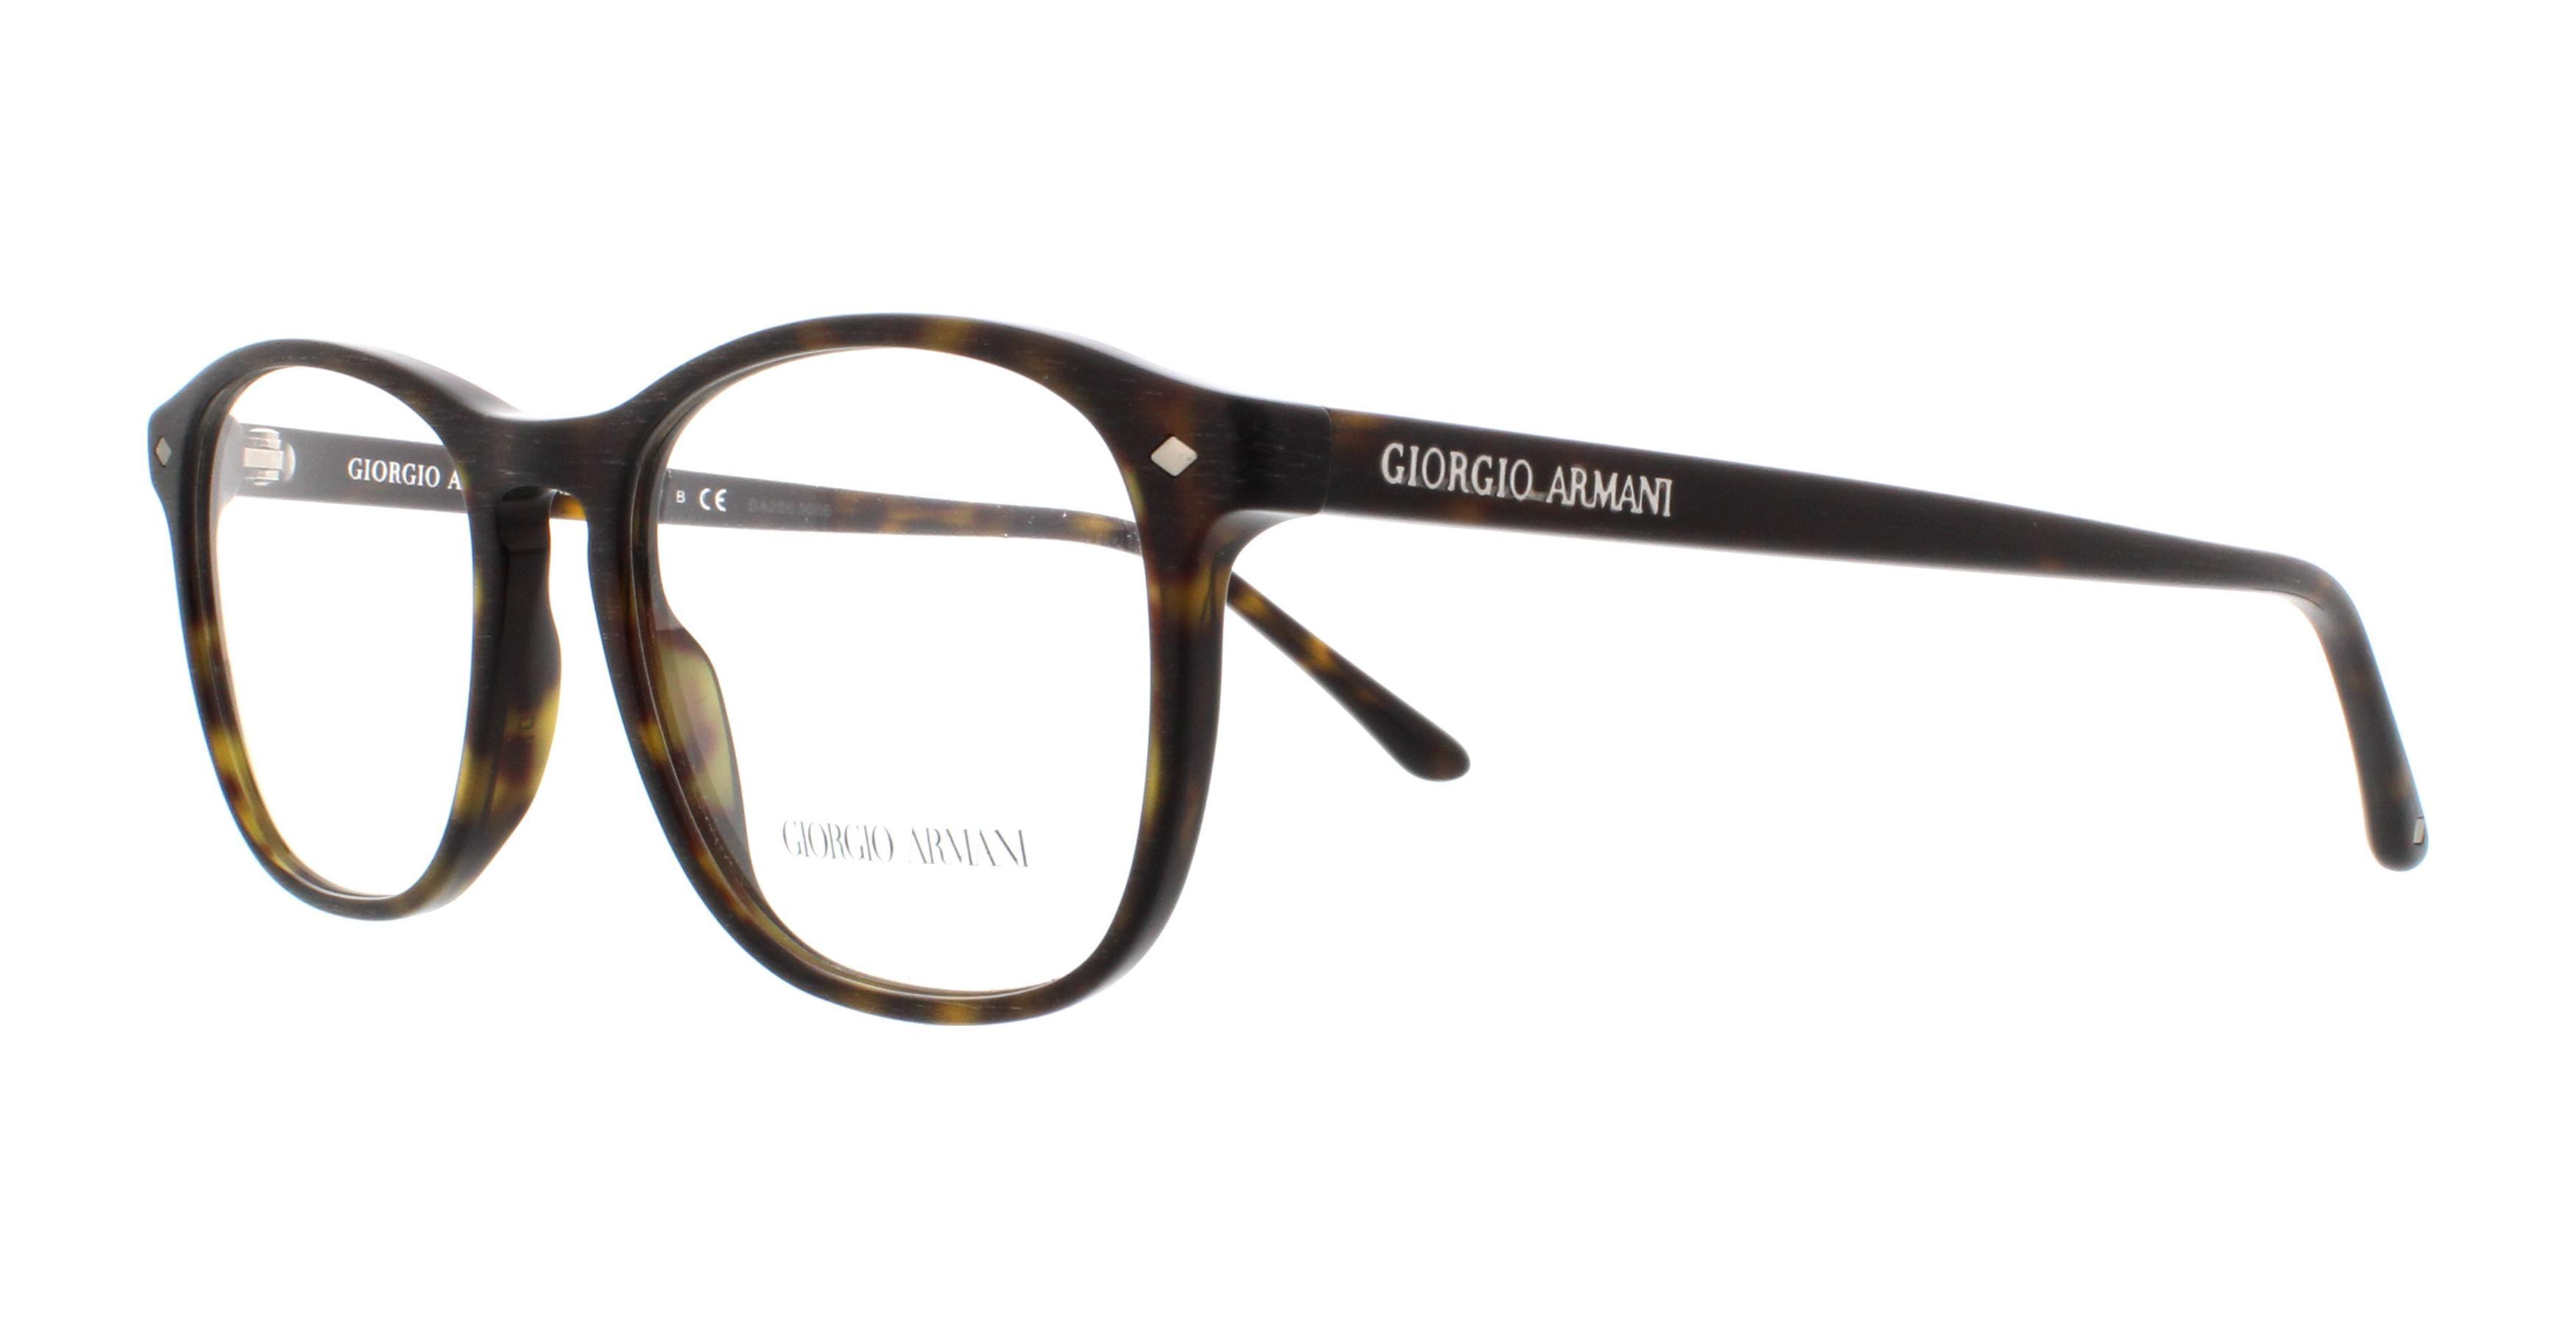 5beb204ff0e1 Designer Frames Outlet. Giorgio Armani AR7003